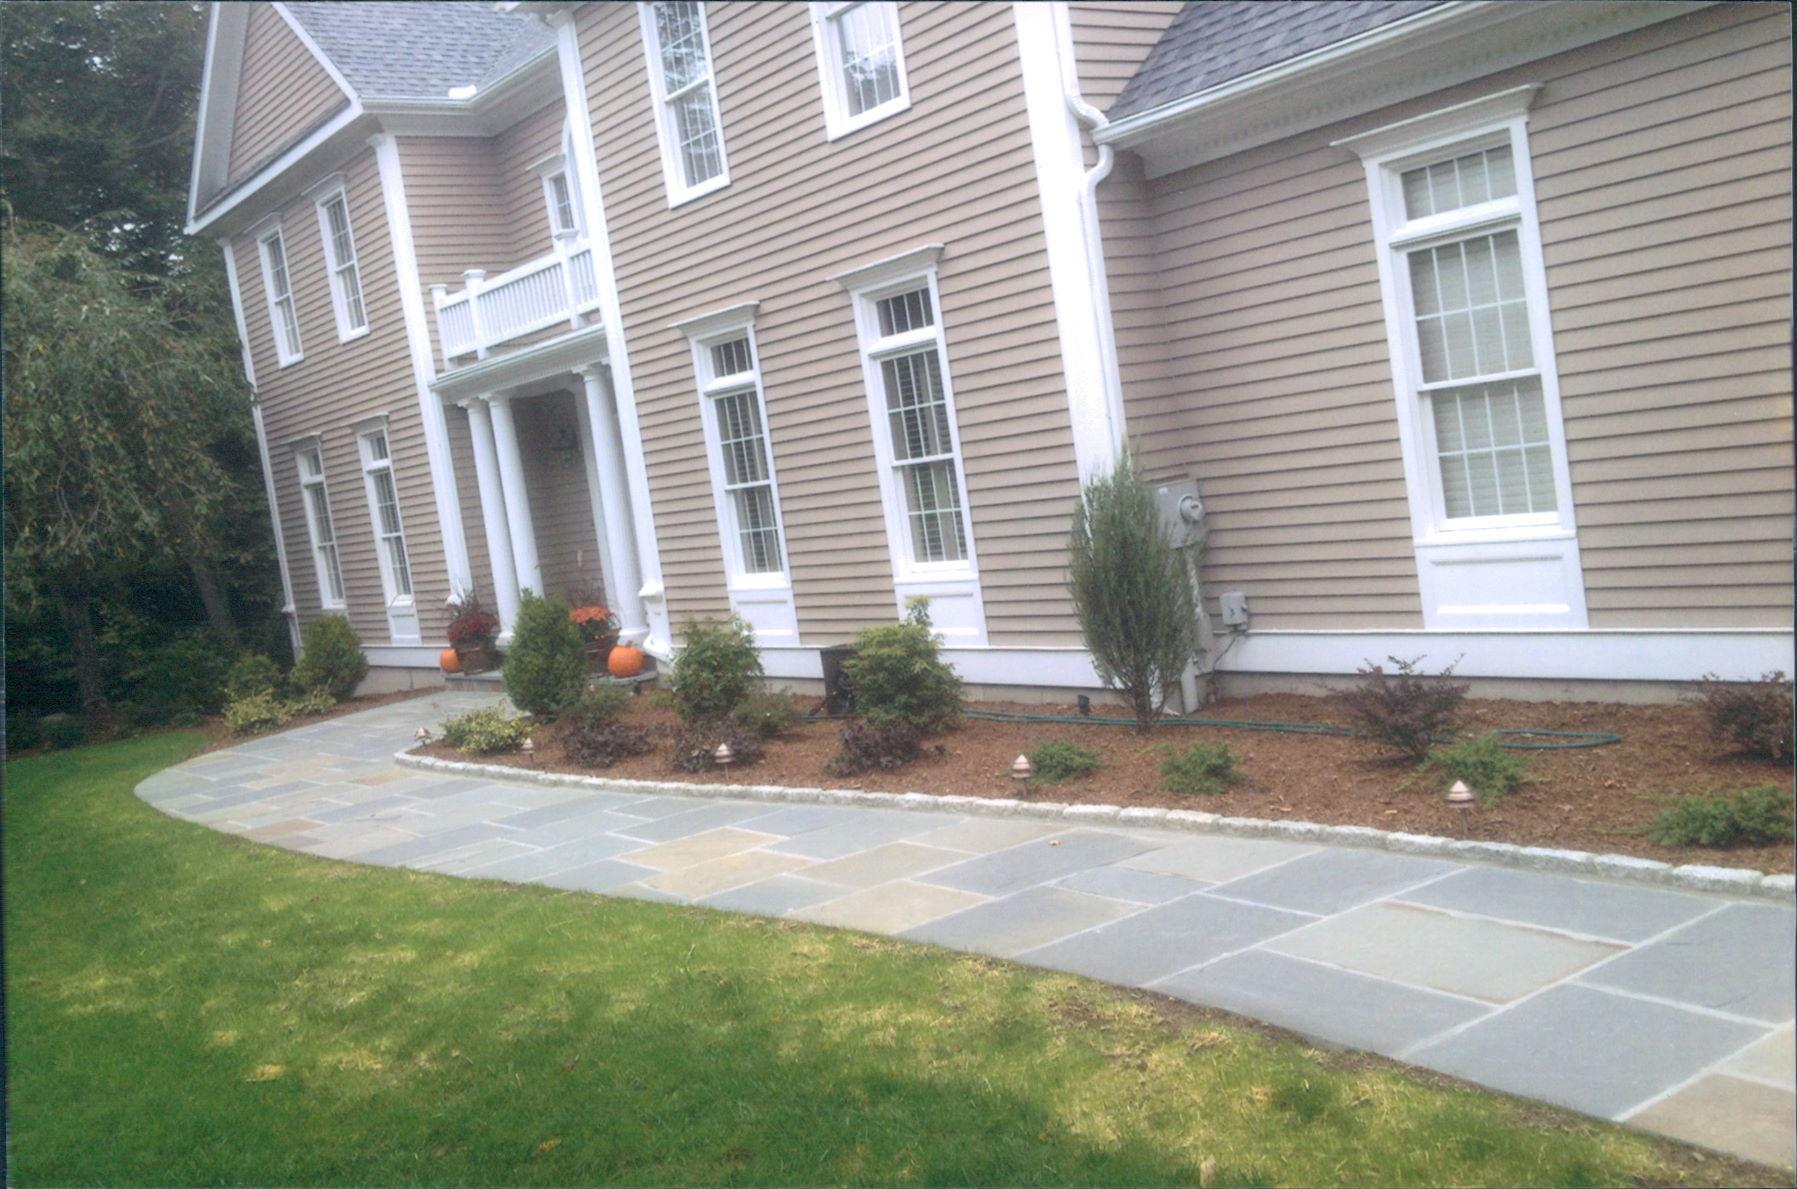 Sidewalks_00008A.jpg